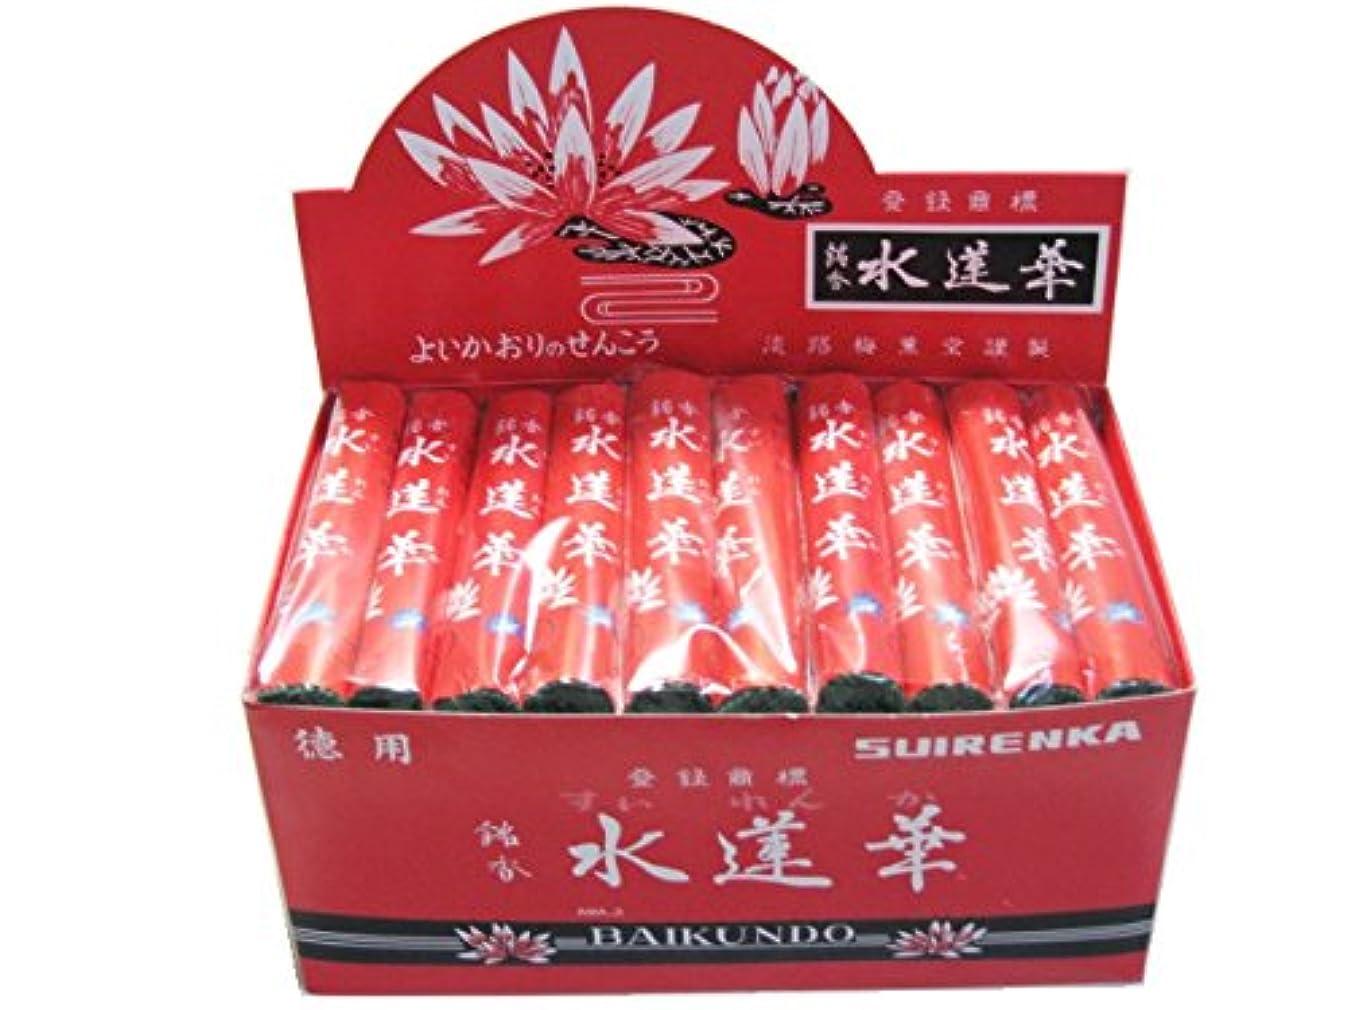 植物のブルジョン統治可能淡路梅薫堂のお線香 徳用水蓮華 大把 2p × 25袋×12箱 #300